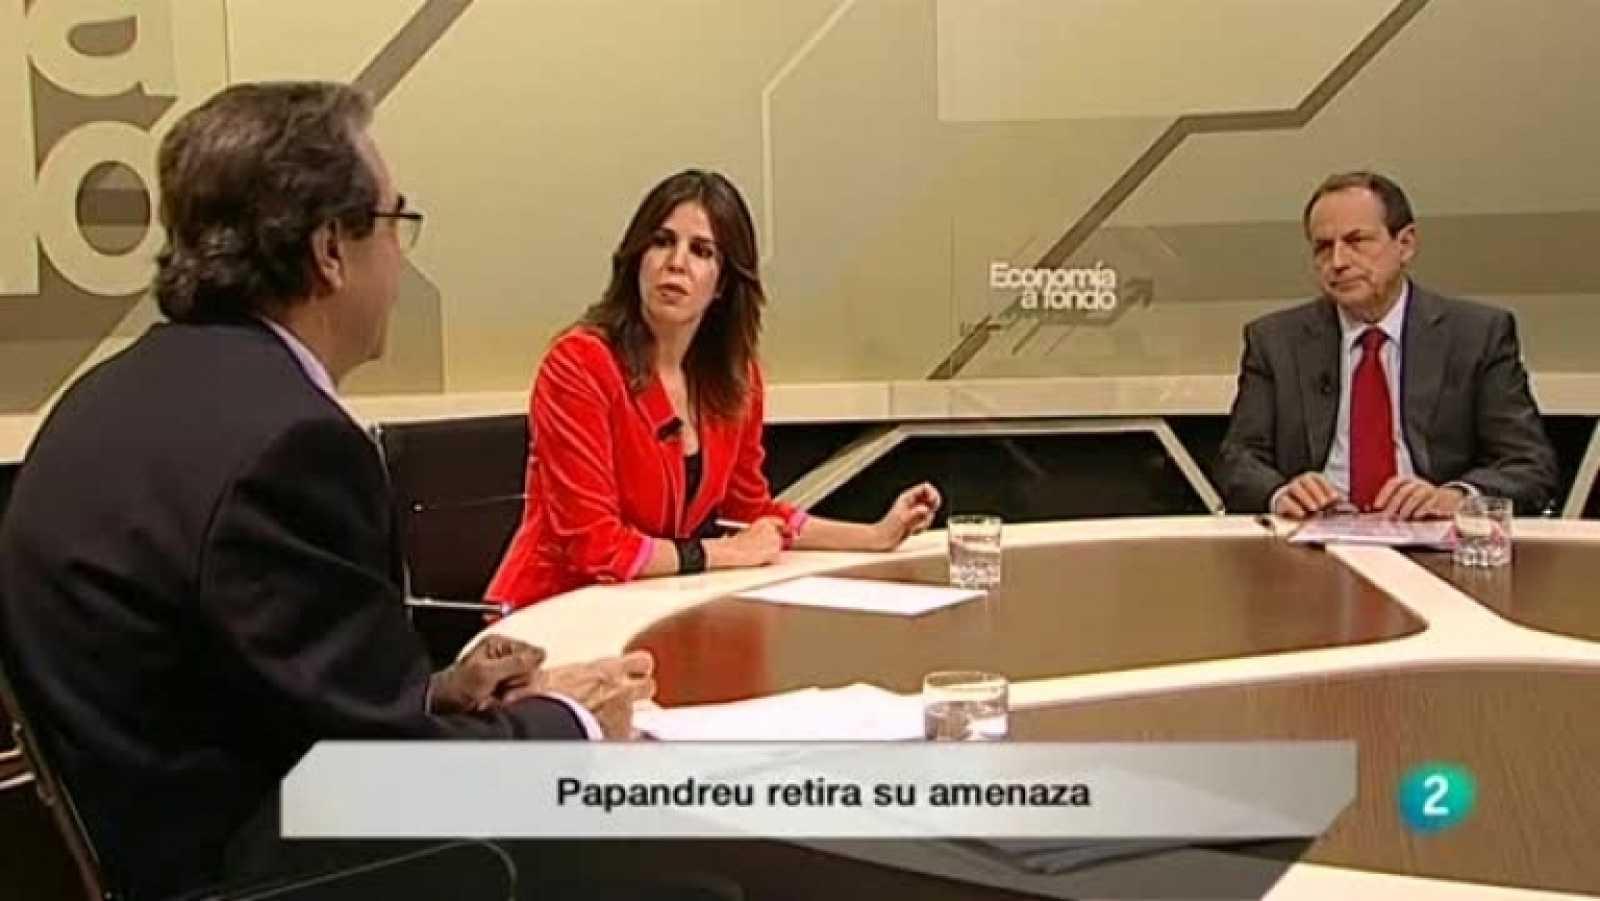 Economía a fondo - 05/11/11 - Ver ahora